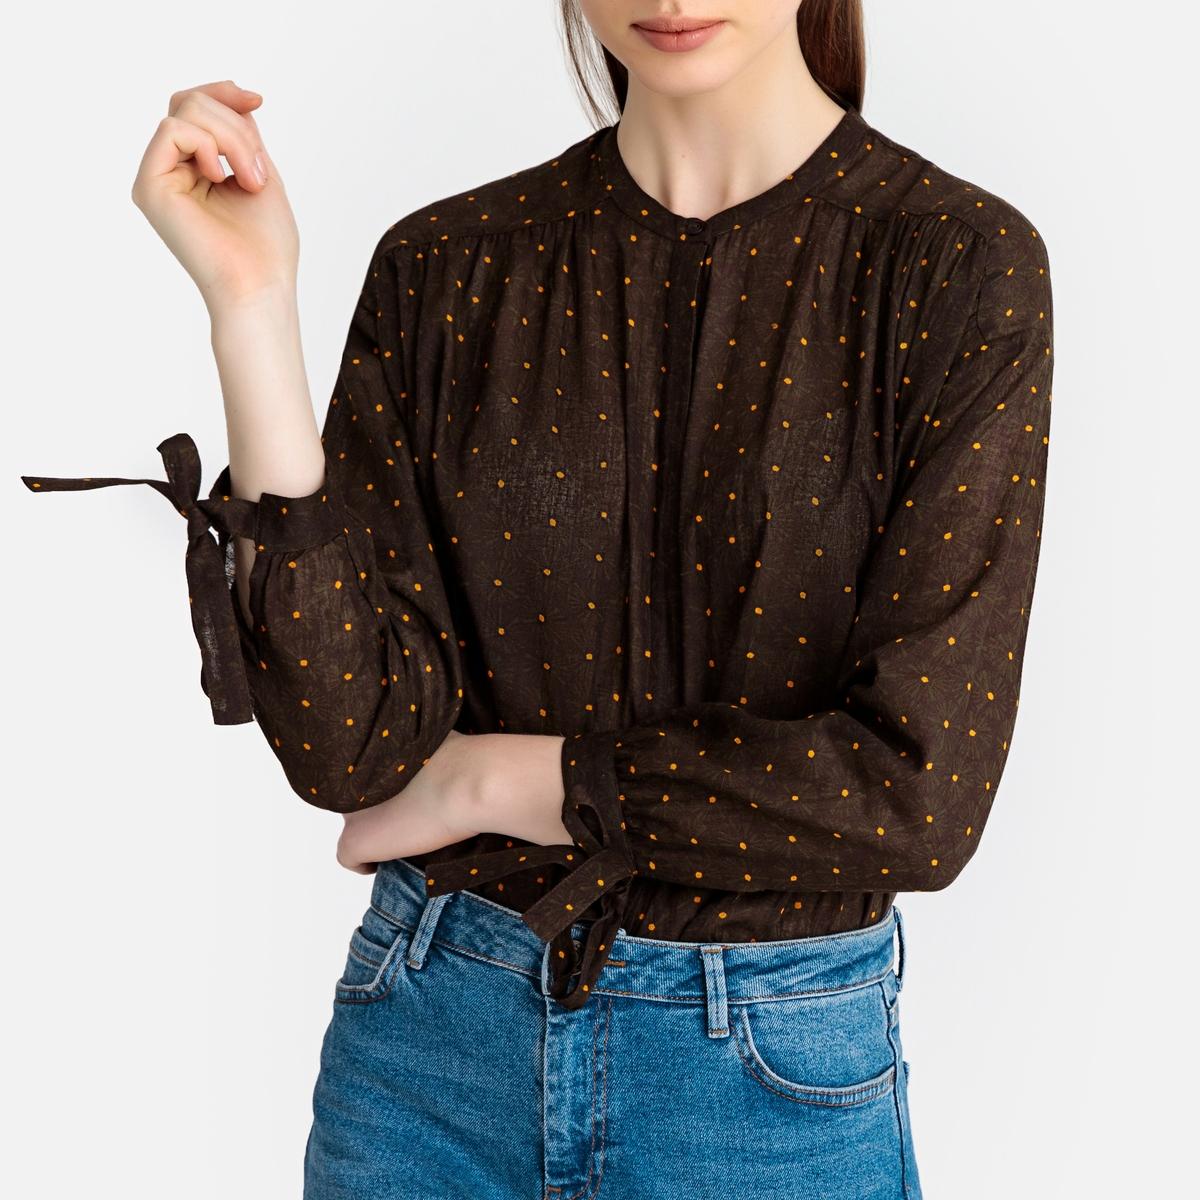 Блузка La Redoute С круглым вырезом рисунком в горошек и длинными рукавами 34 (FR) - 40 (RUS) фиолетовый блузка с круглым вырезом графическим рисунком и длинными рукавами